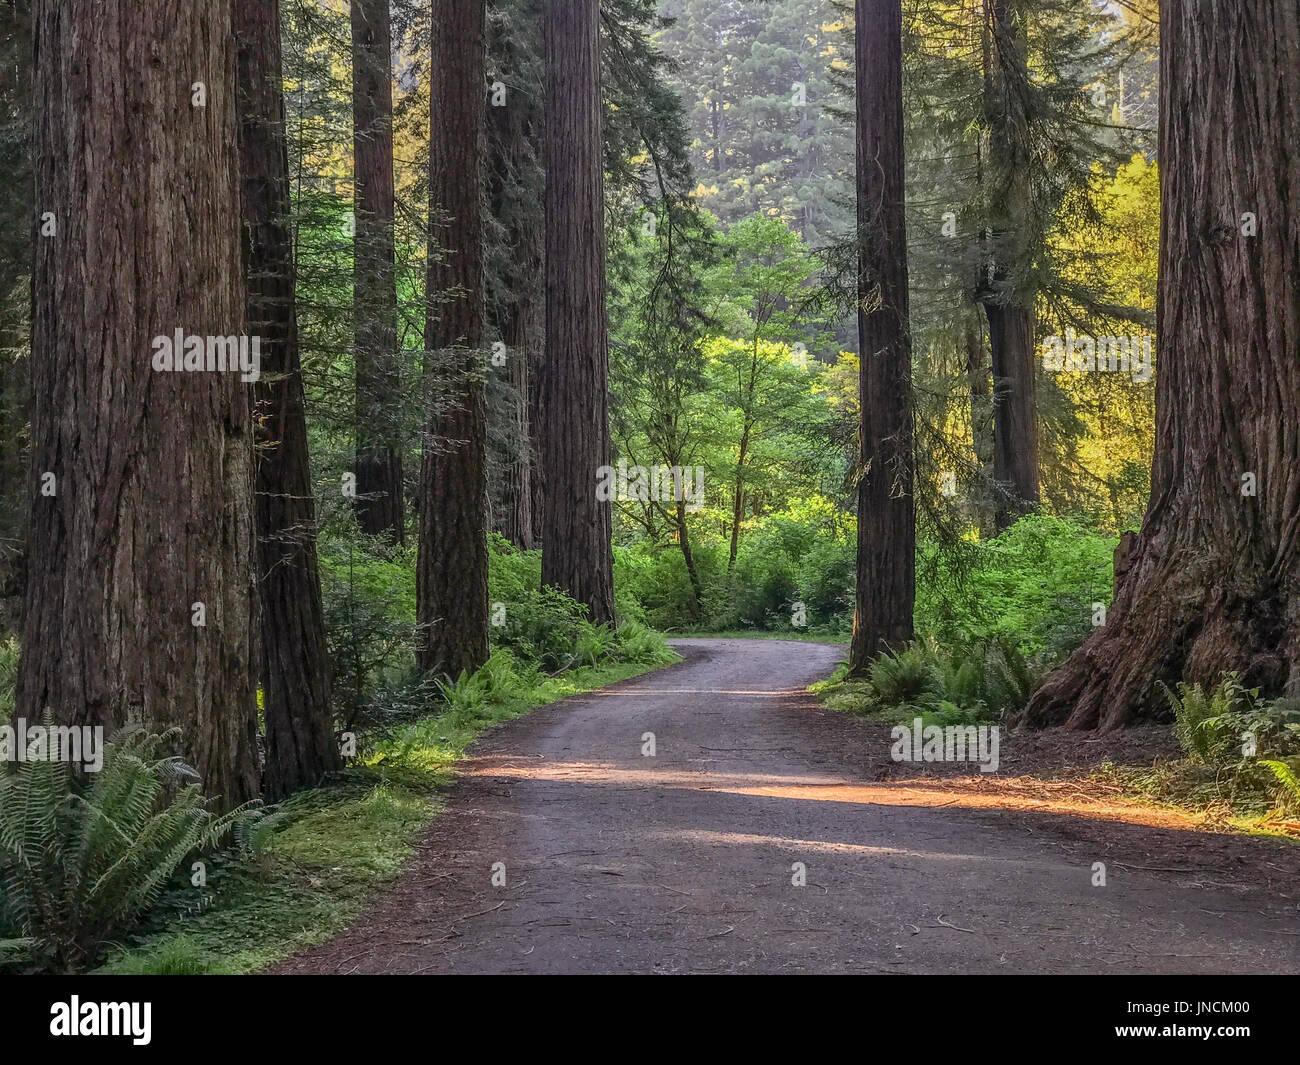 Cal Barrel Road, Prairie Creek Redwoods State Park, California. - Stock Image